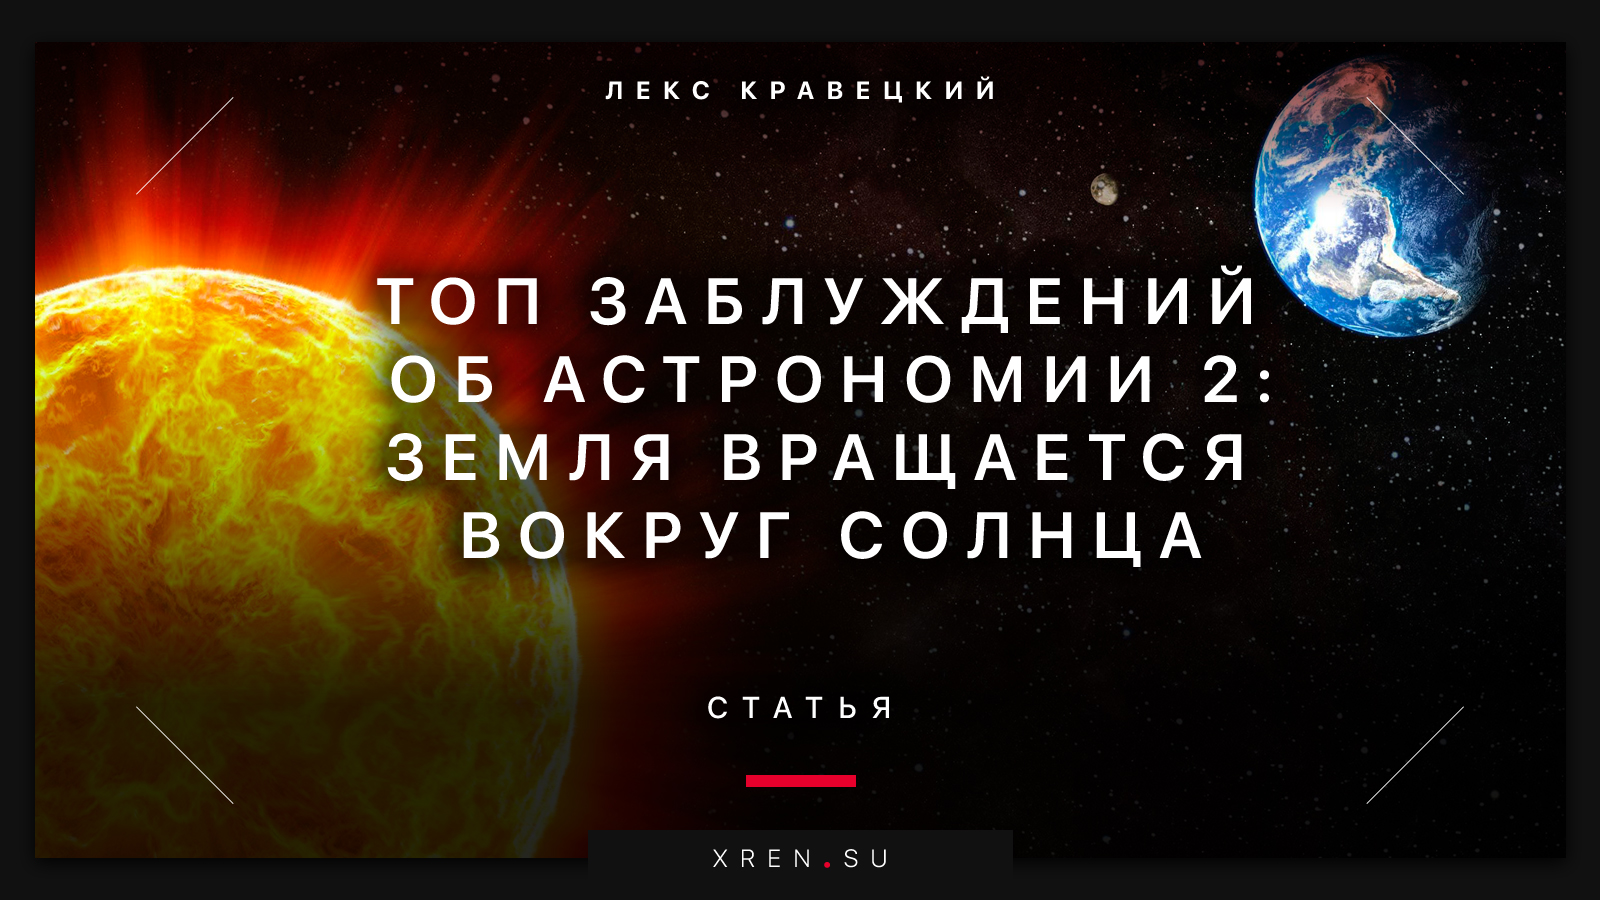 Топ заблуждений об астрономии 2. Земля вращается вокруг Солнца